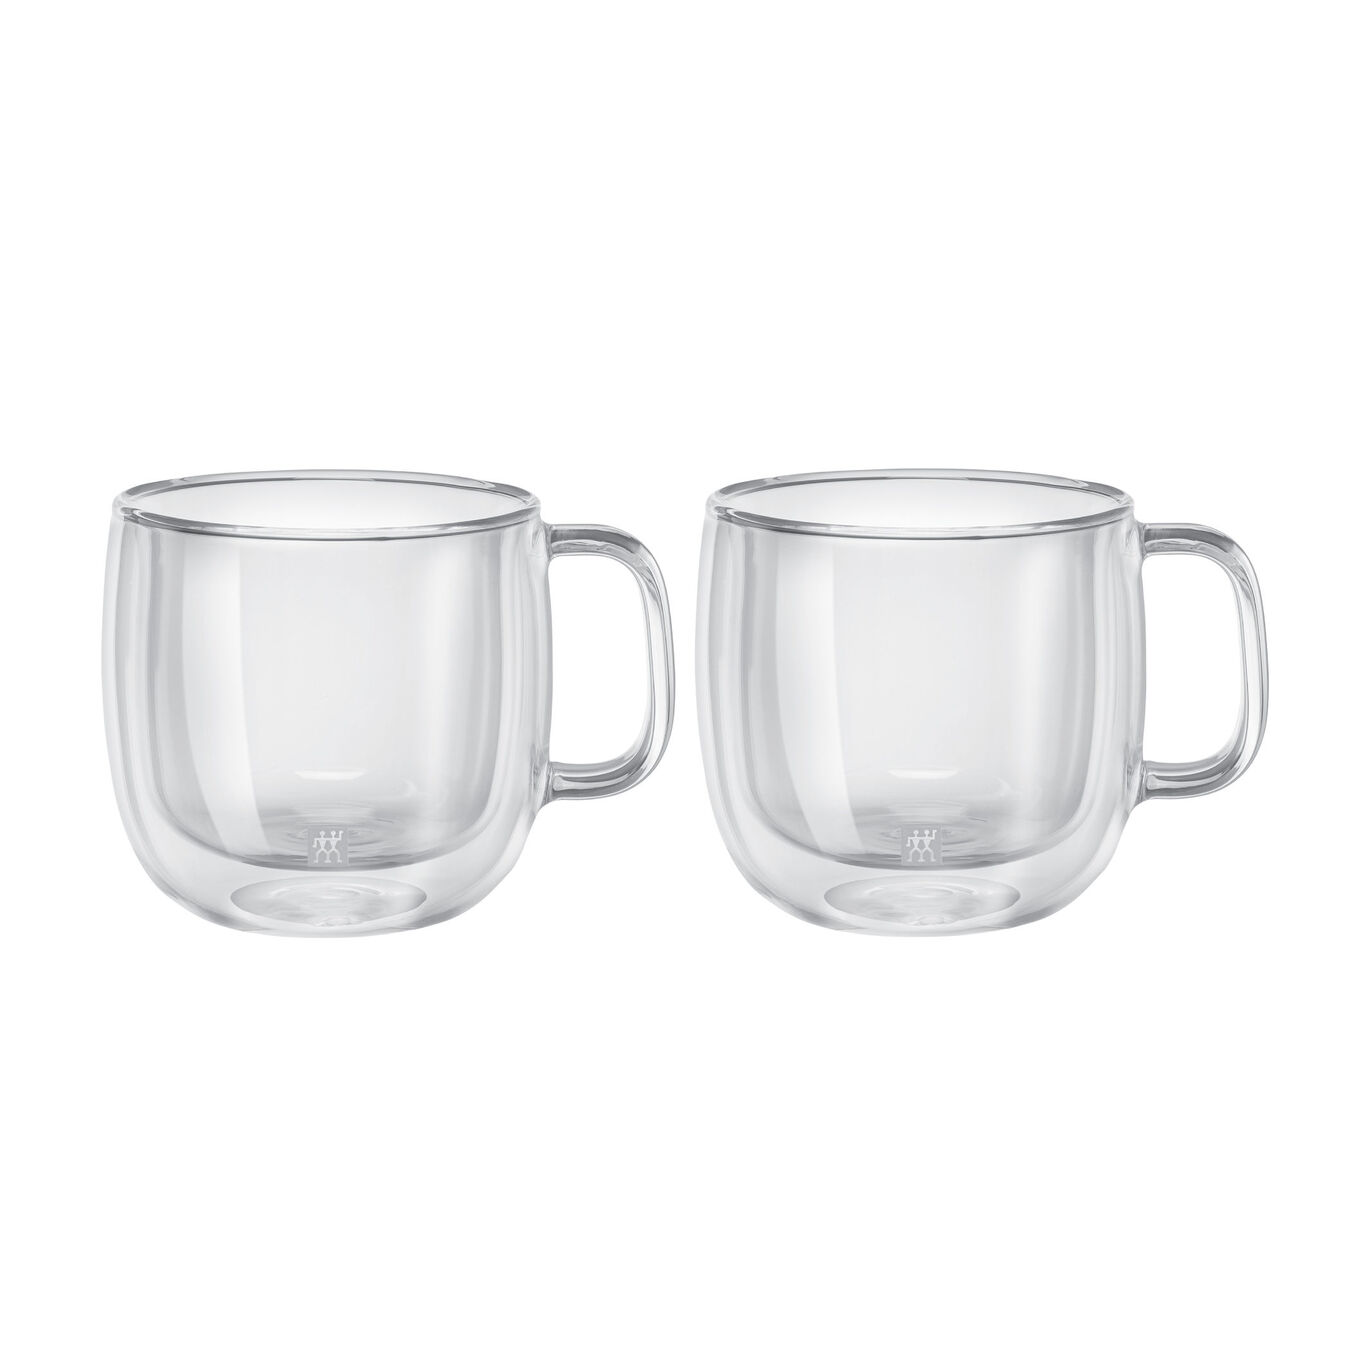 Set di bicchieri da cappuccino - 2-pz., vetro borosilicato,,large 2